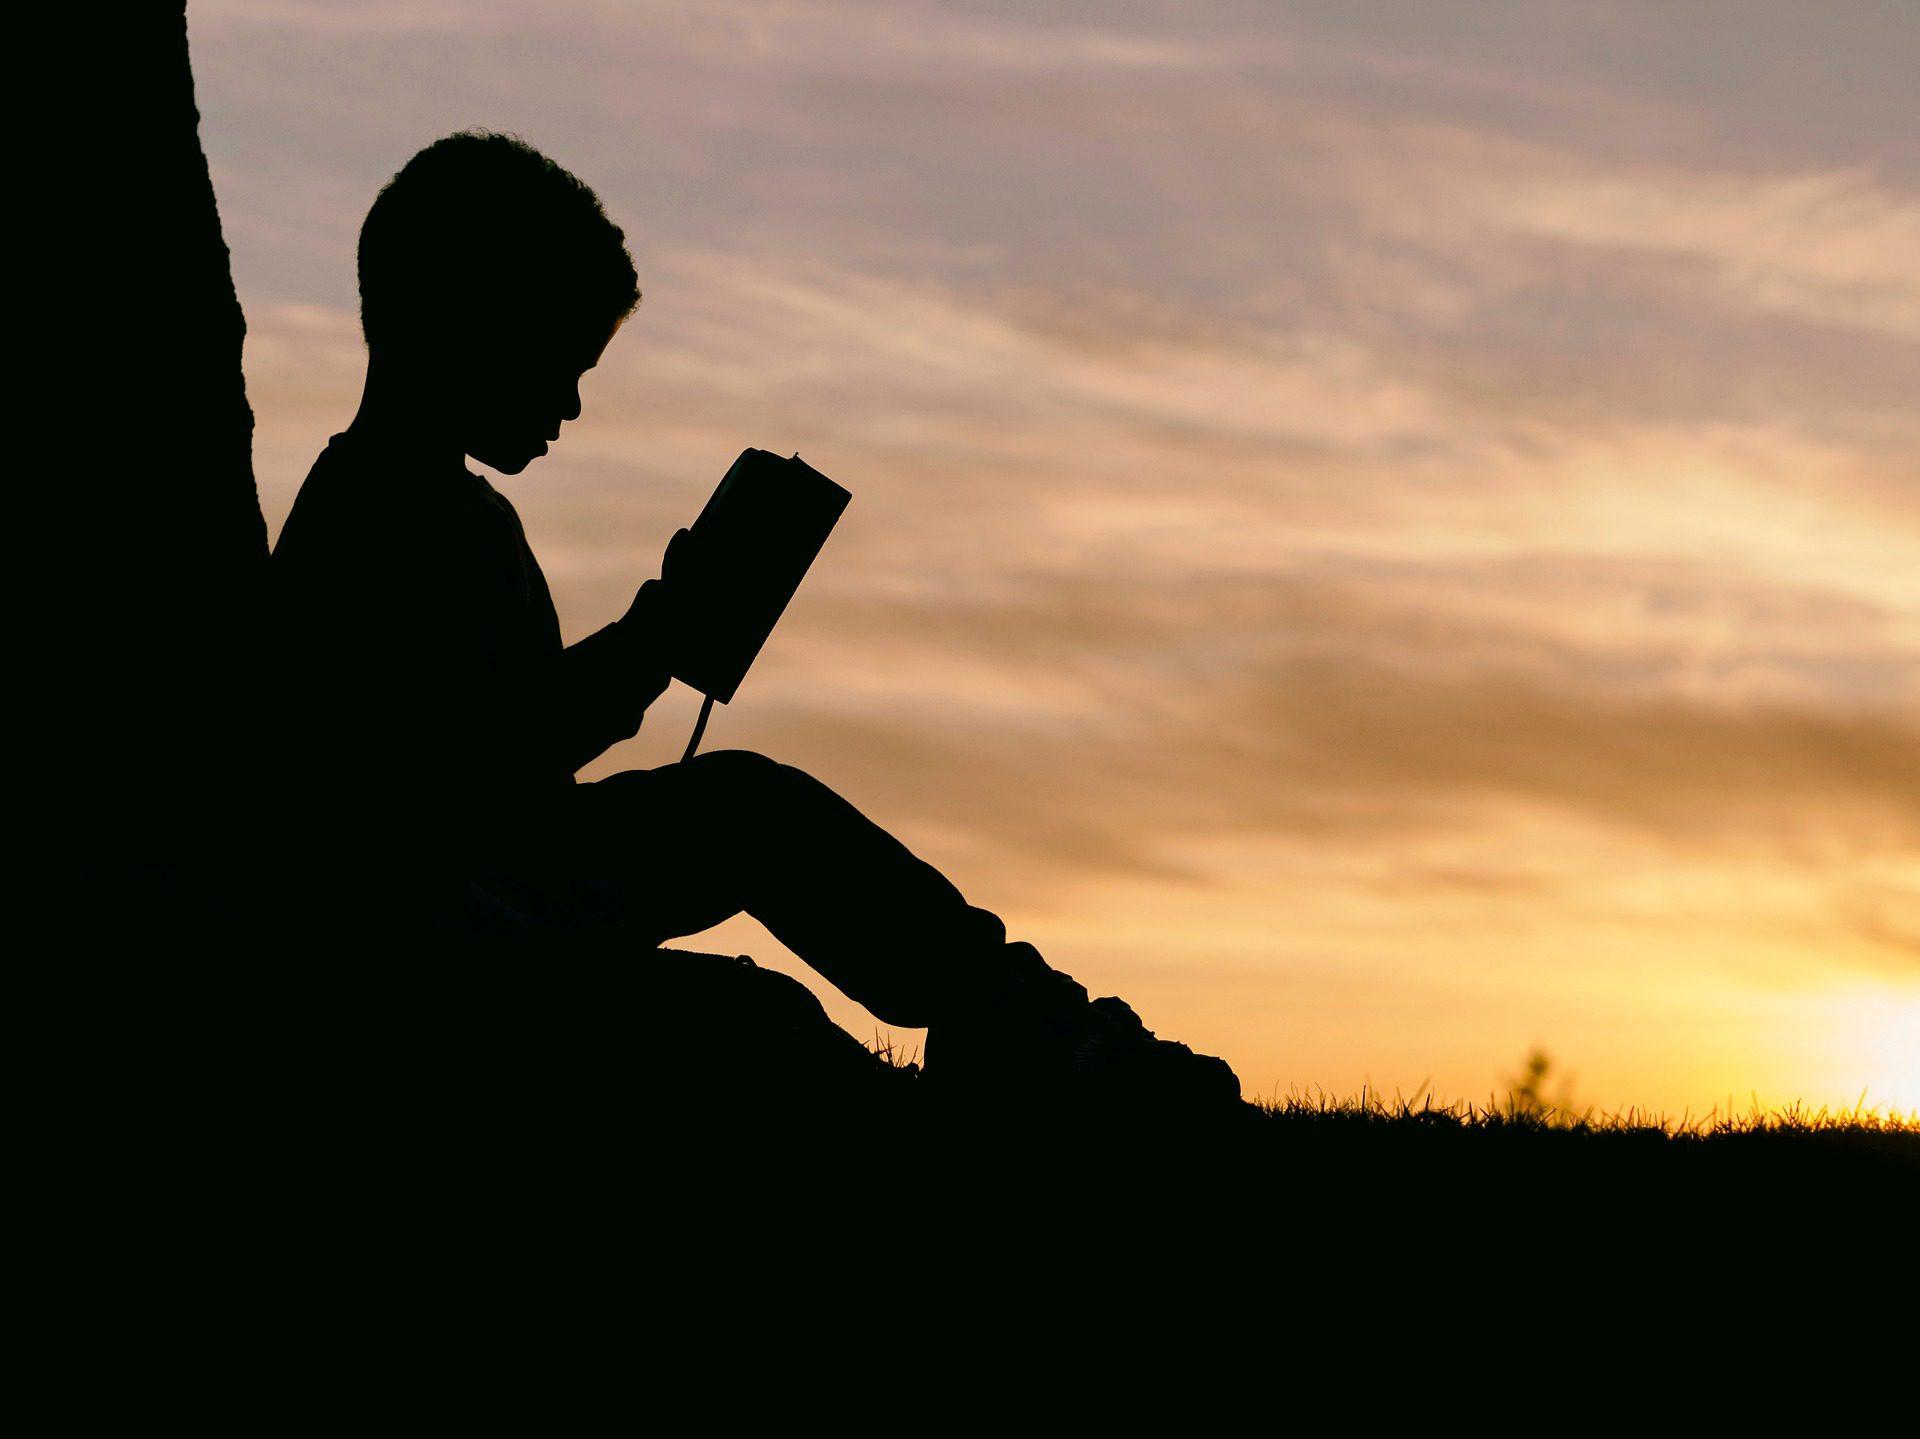 Ty dnešní děti vůbec nečtou! Stěžují si učitelé, stěžují si rodiče. Přitom nakladatelství chrlí stovky krásných dětských knih ročně a síť knihoven je v Česku jedna z nejhustších na světě. […]